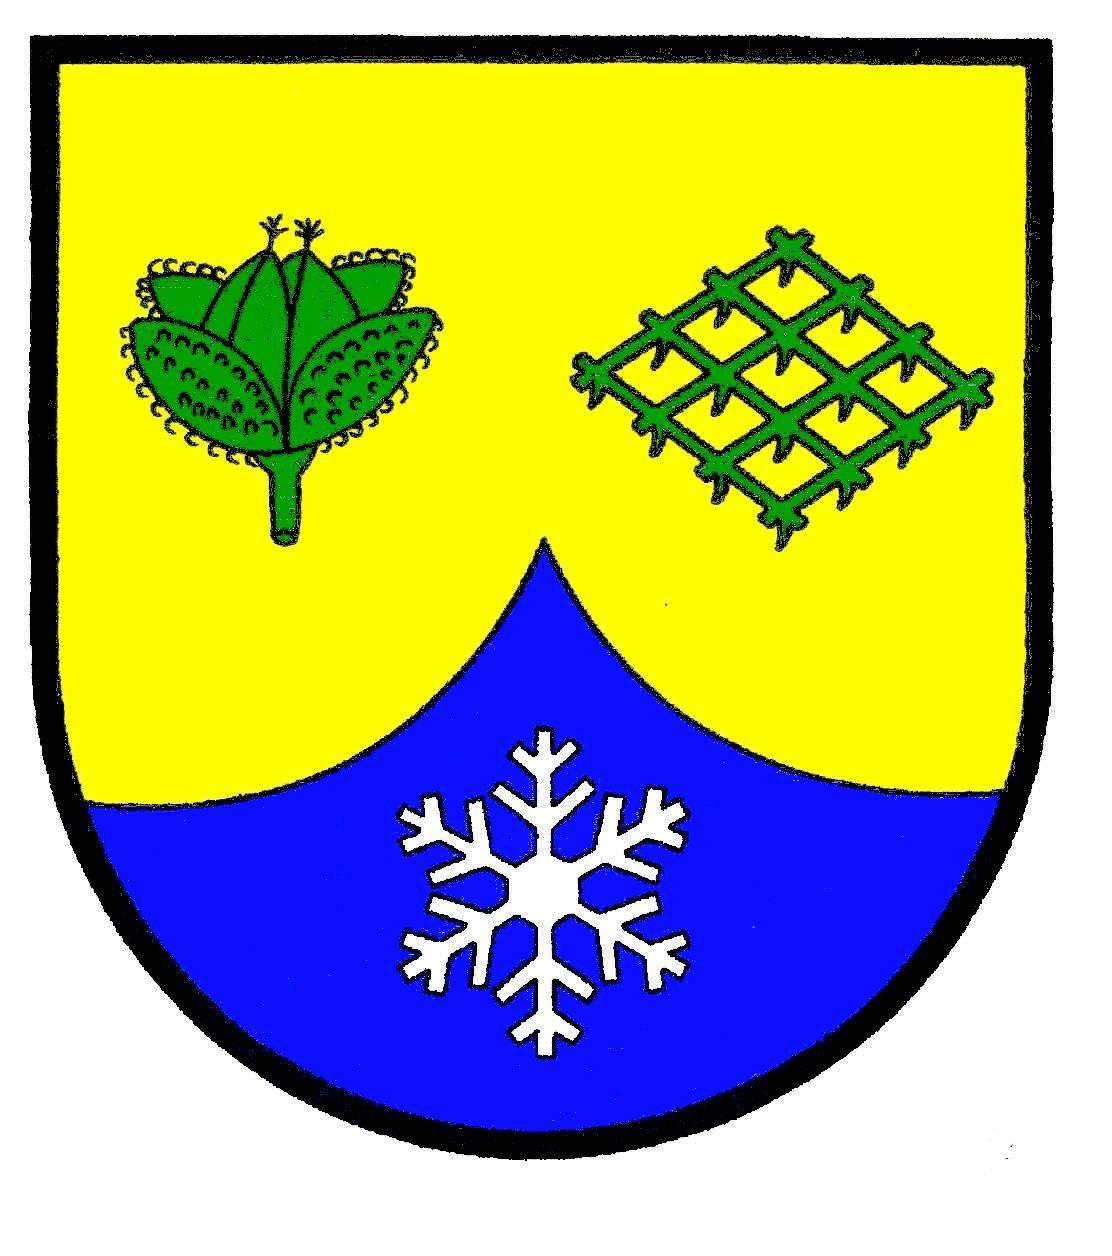 Wappen GemeindeBöxlund, Kreis Schleswig-Flensburg